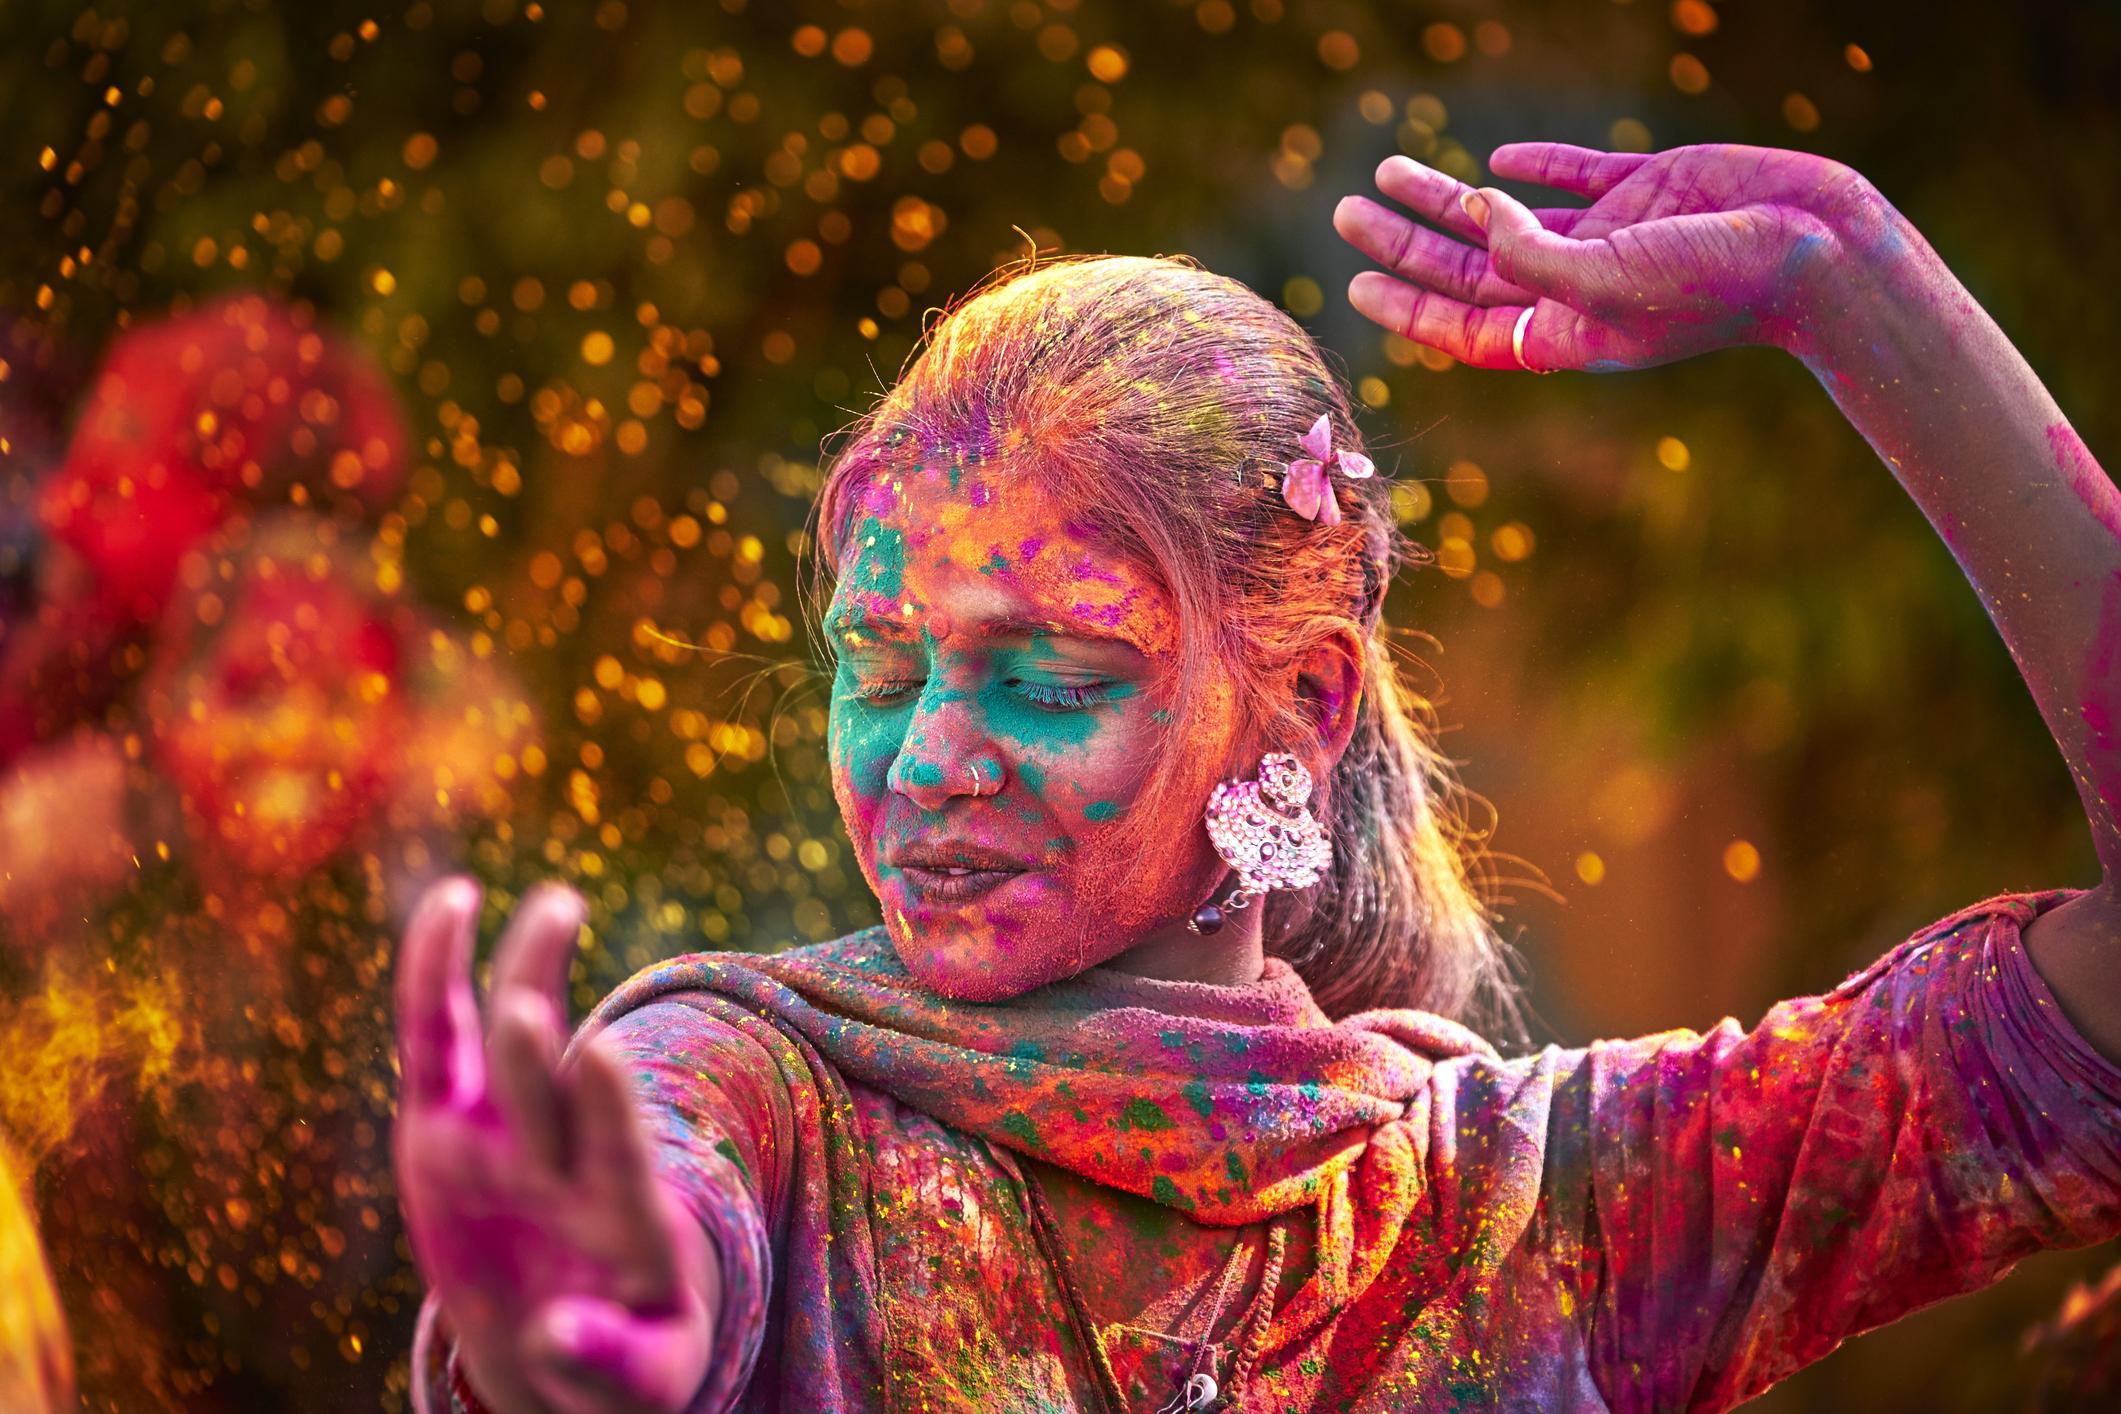 Krishna-india-asia-Festival-Holi-festival-del-color-viajes-de-aventura-viajes-alternativos-turismo-responsable-viajes-en-grupo-viajar-en-grupo-viajar-sola-viajar-solo